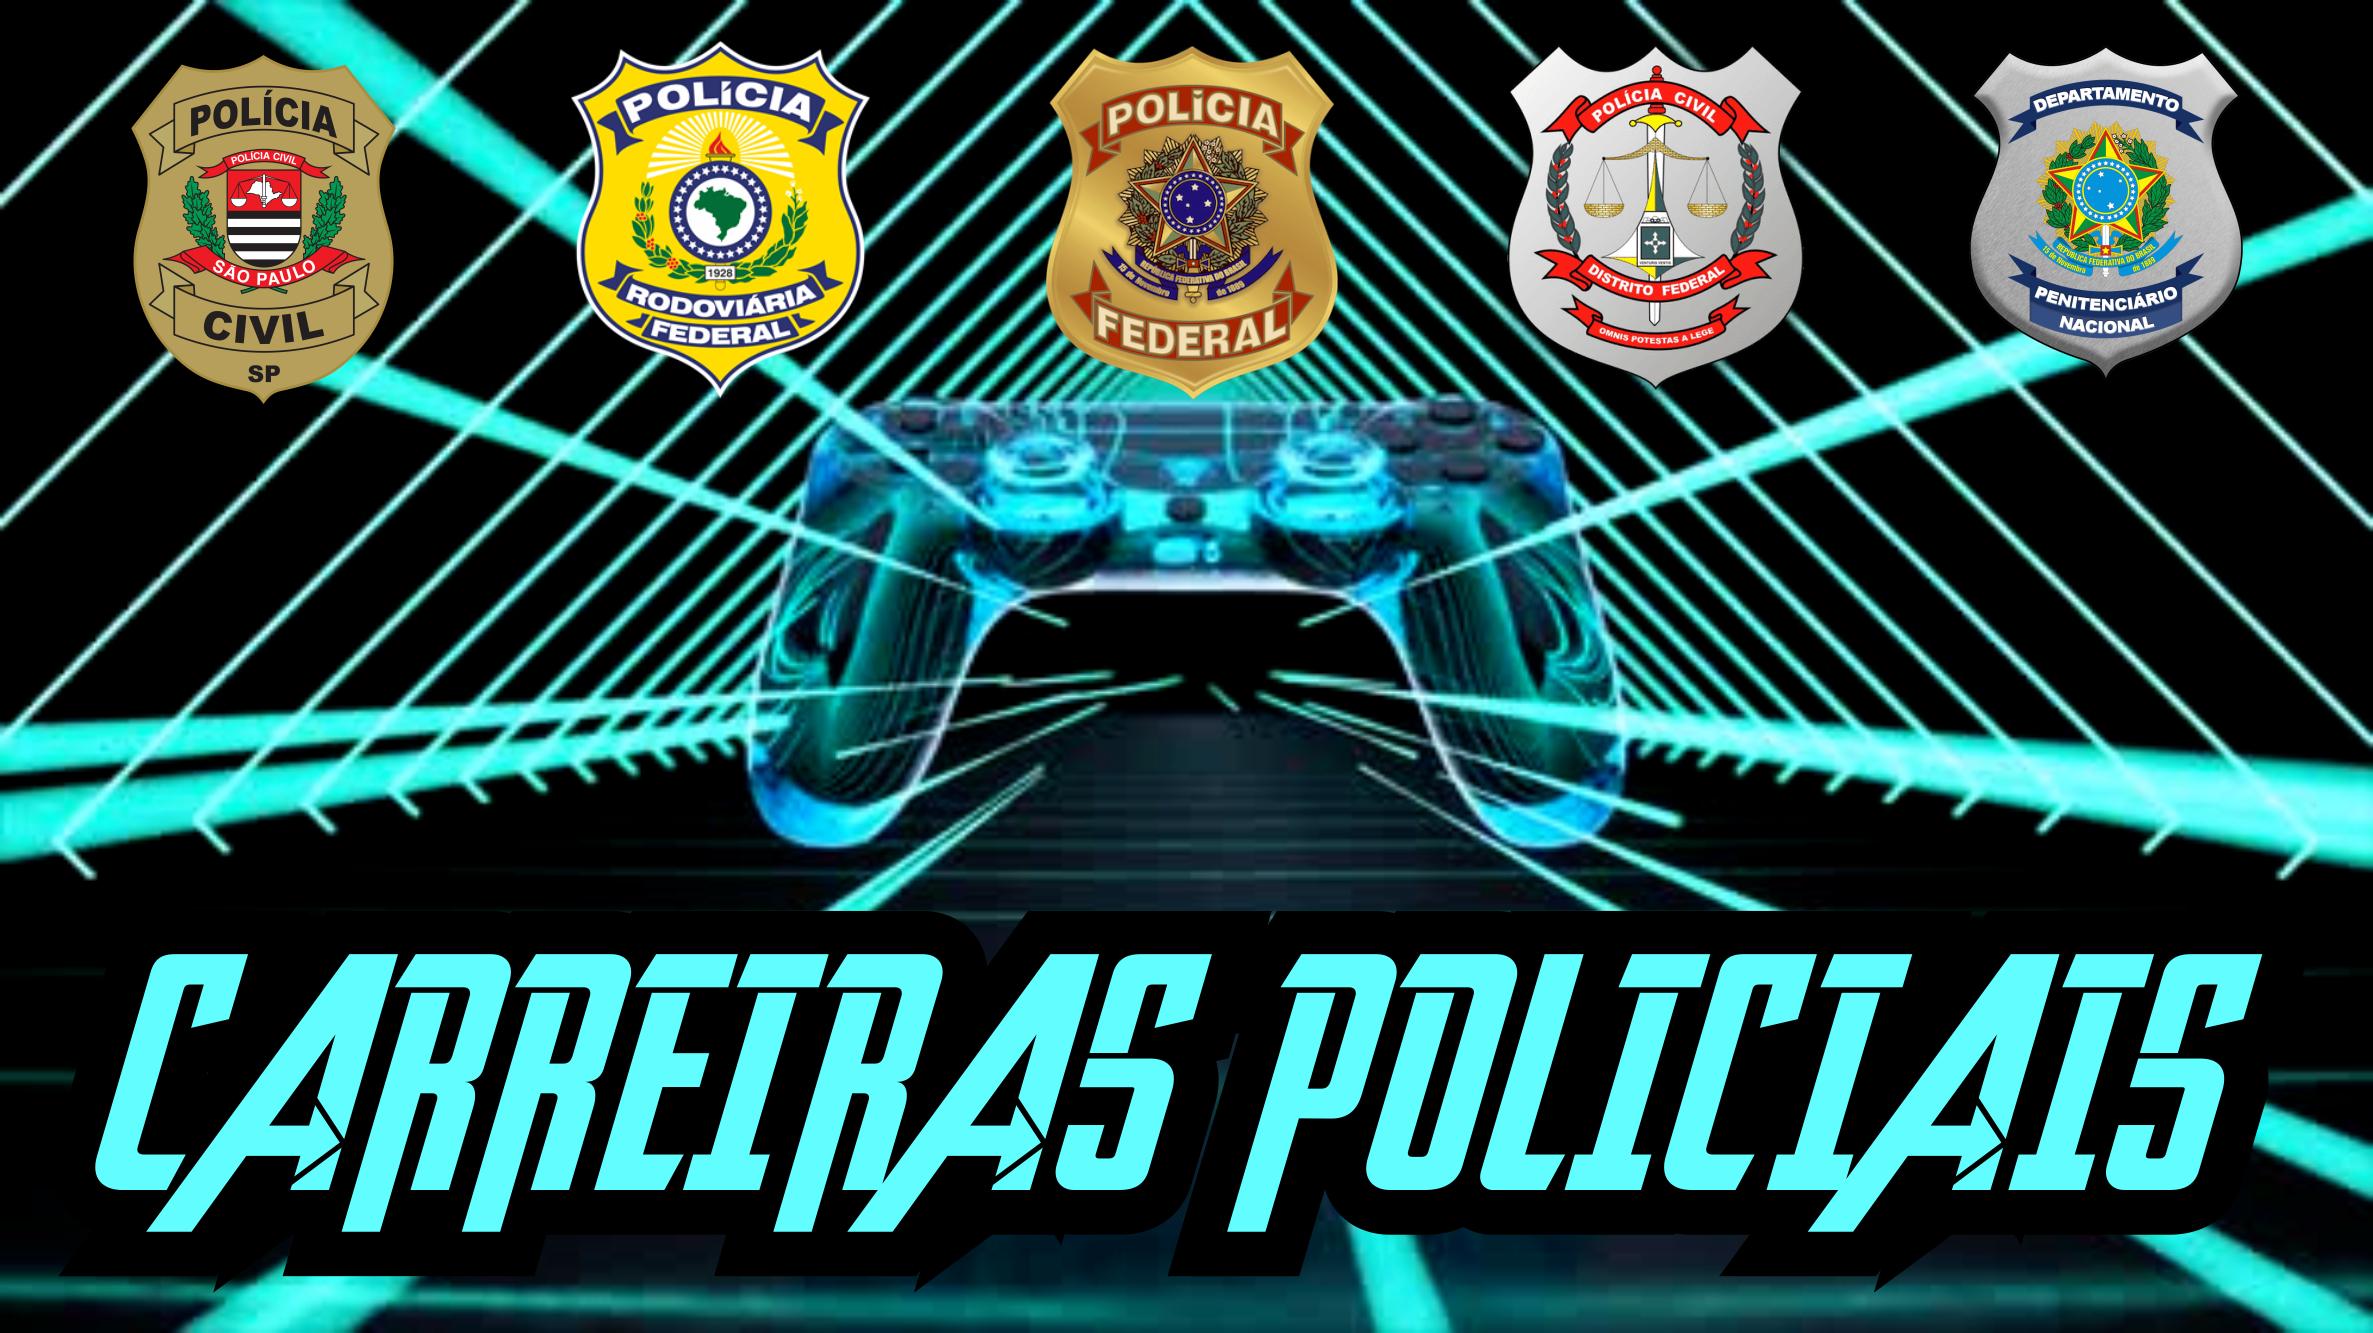 i.ibb.co/JvDcb6P/GAME-POLICIAIS.png